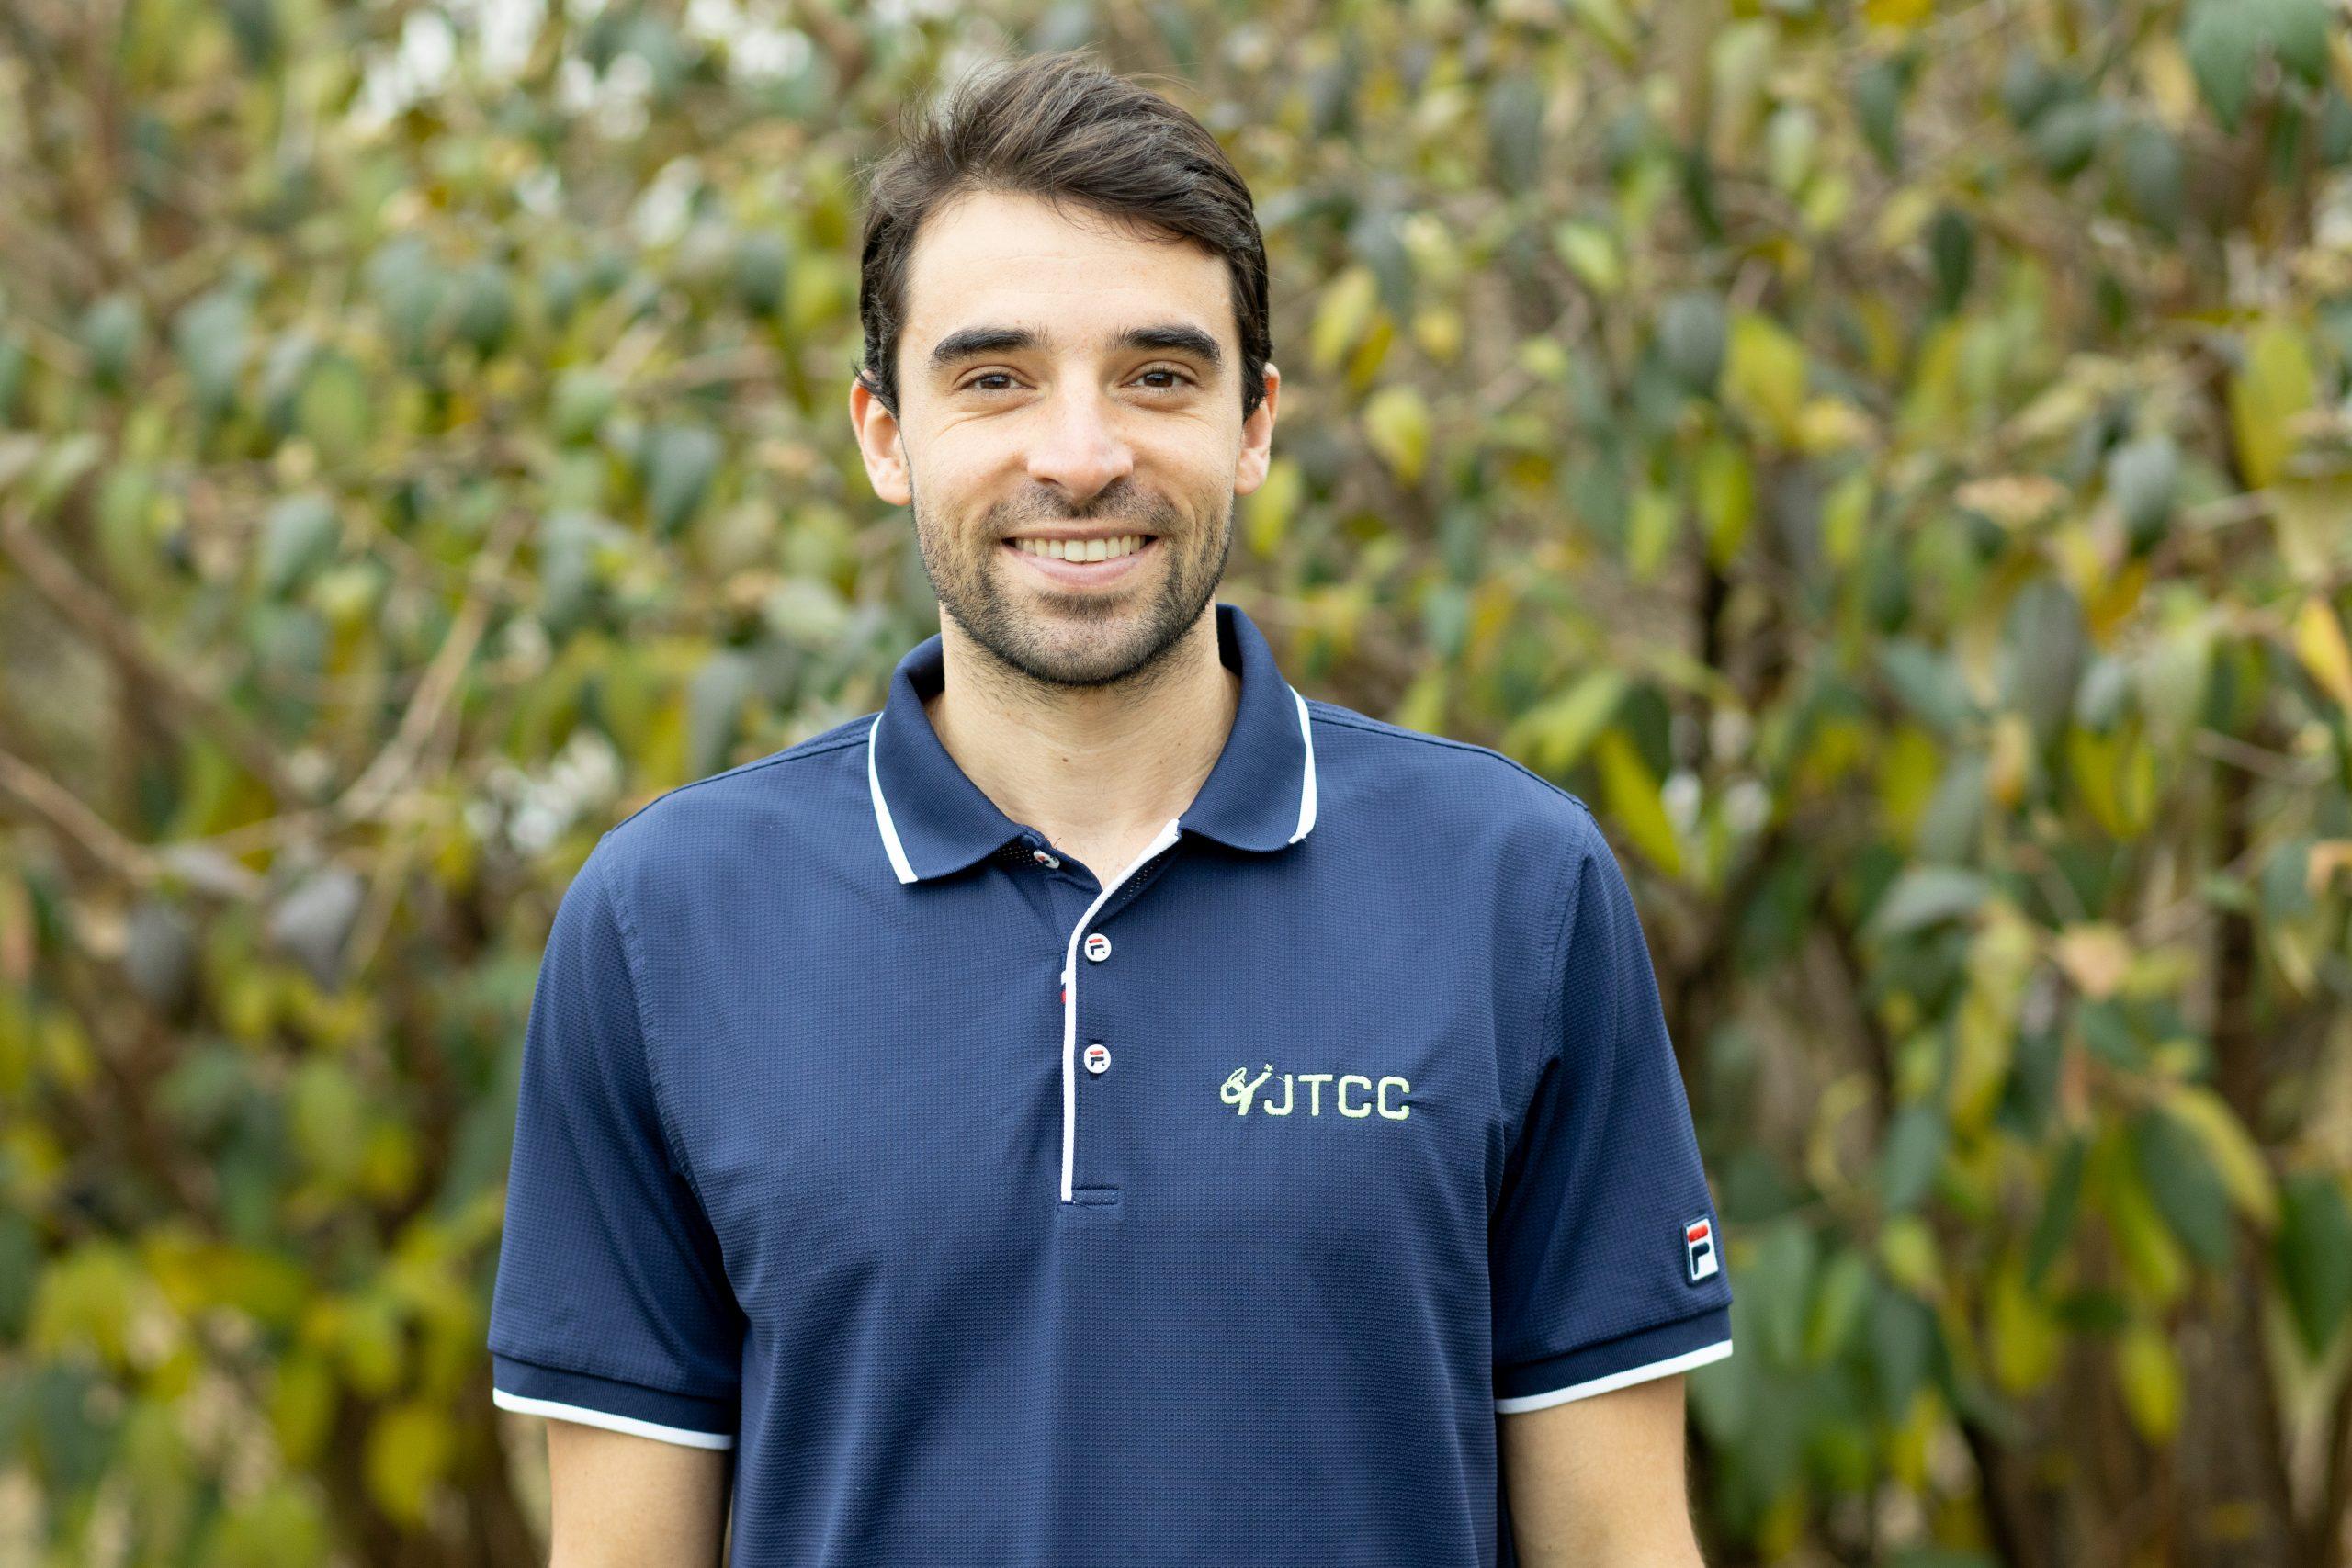 Felipe Frattini